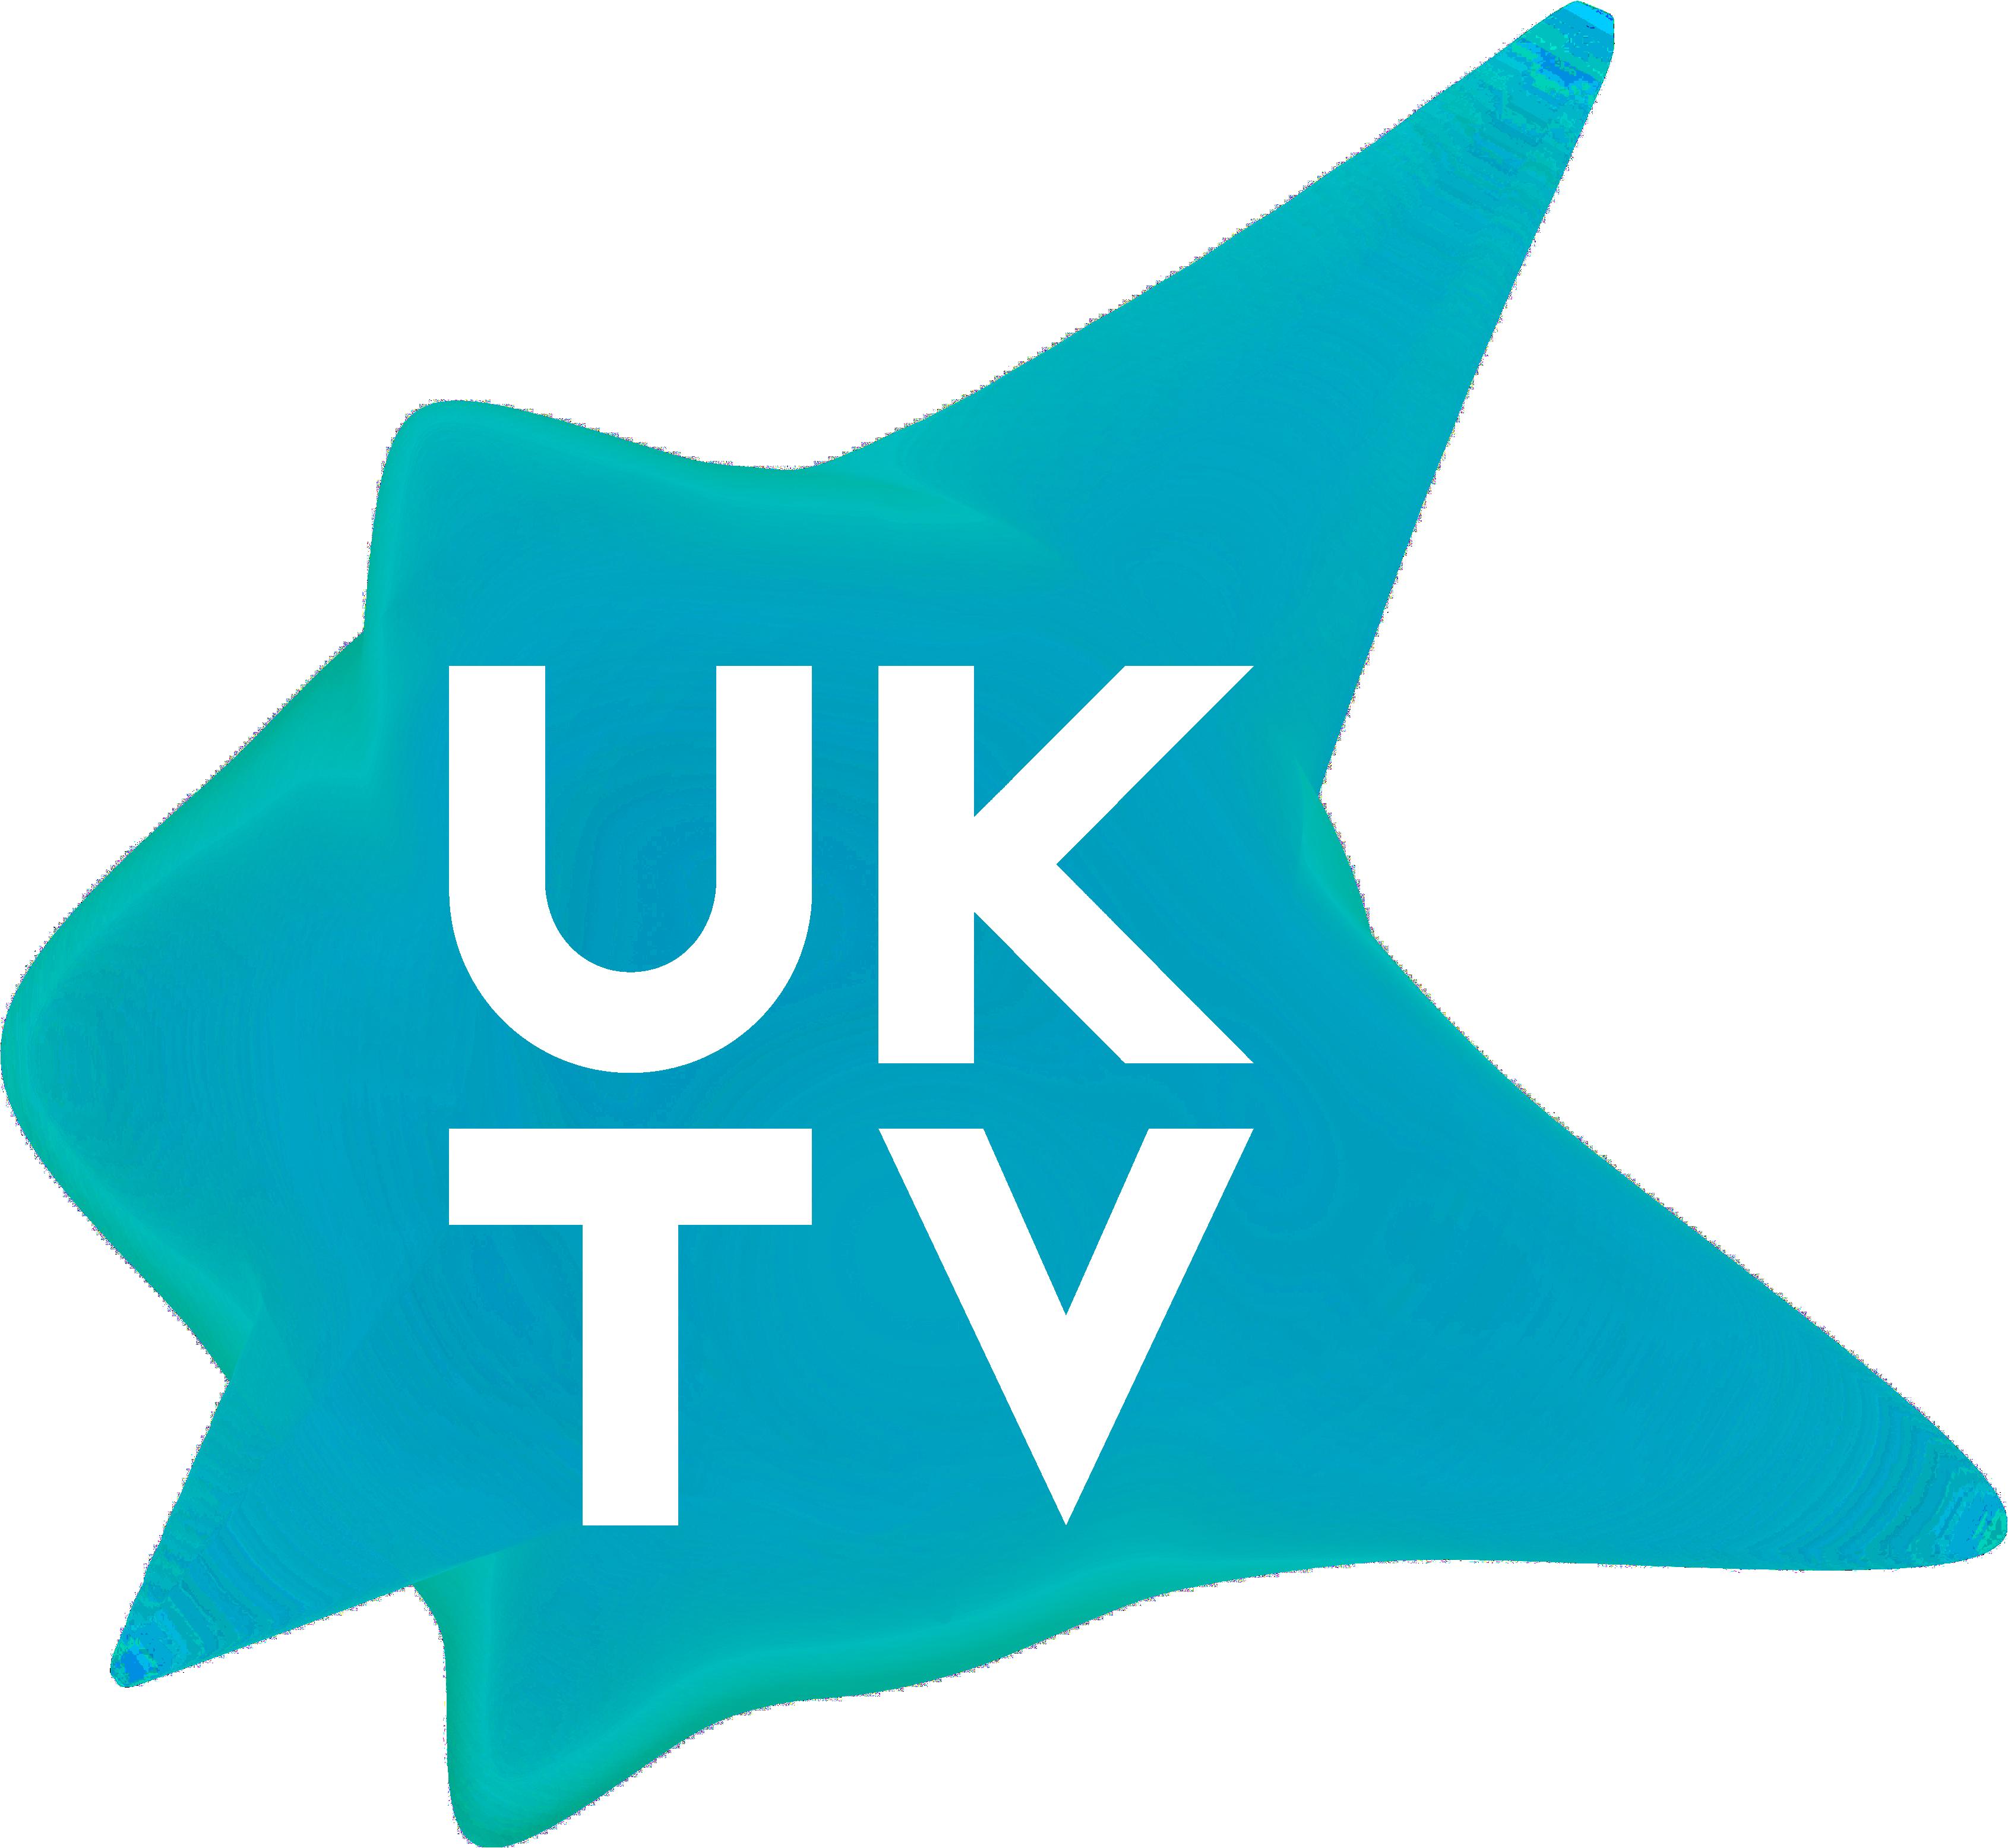 UKTV_logo_2013